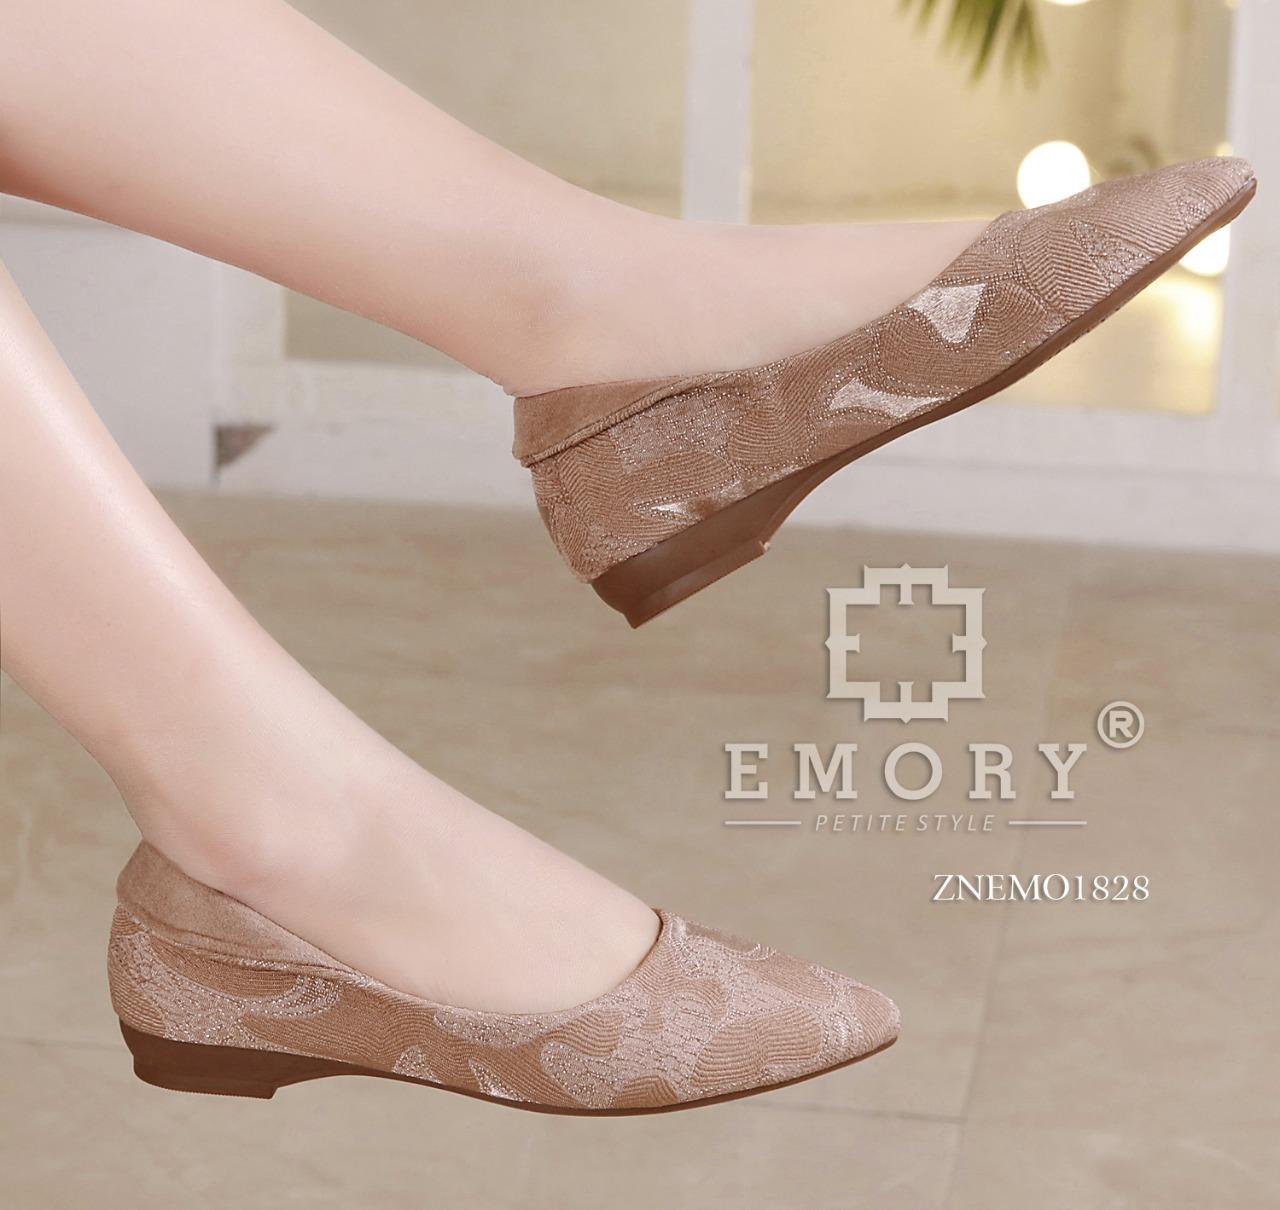 sepatu murah batam 2020 ZNEMO1828 sepatu murah bagus,sepatu wanita batam,sepatu wanita import